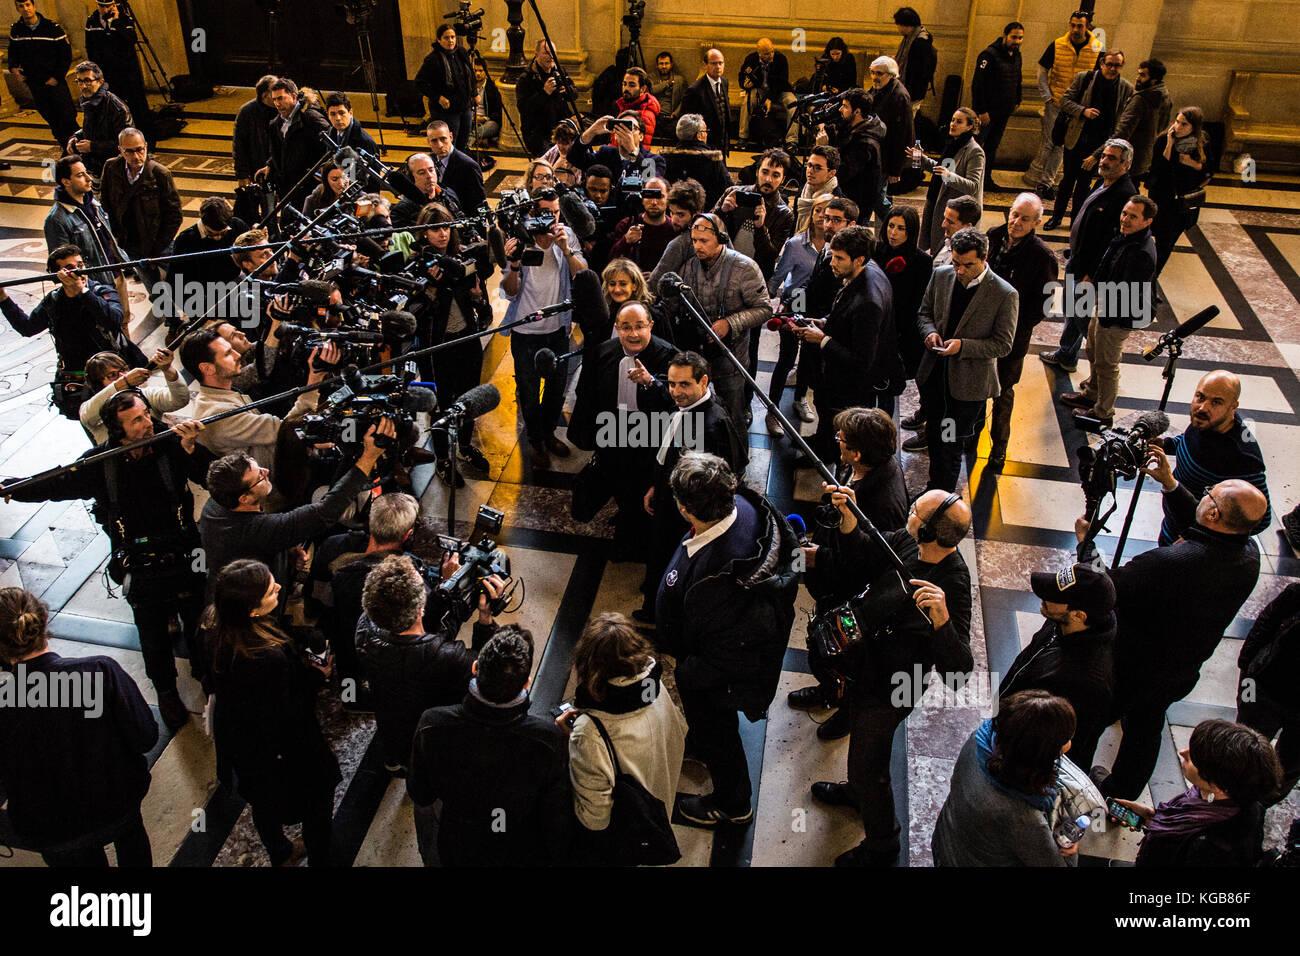 Sadak Souici / Le Pictorium -  Trial Merah, lawyer Elie Korchia and lawyer Ariel Goldmann -  02/11/2017  -  France - Stock Image